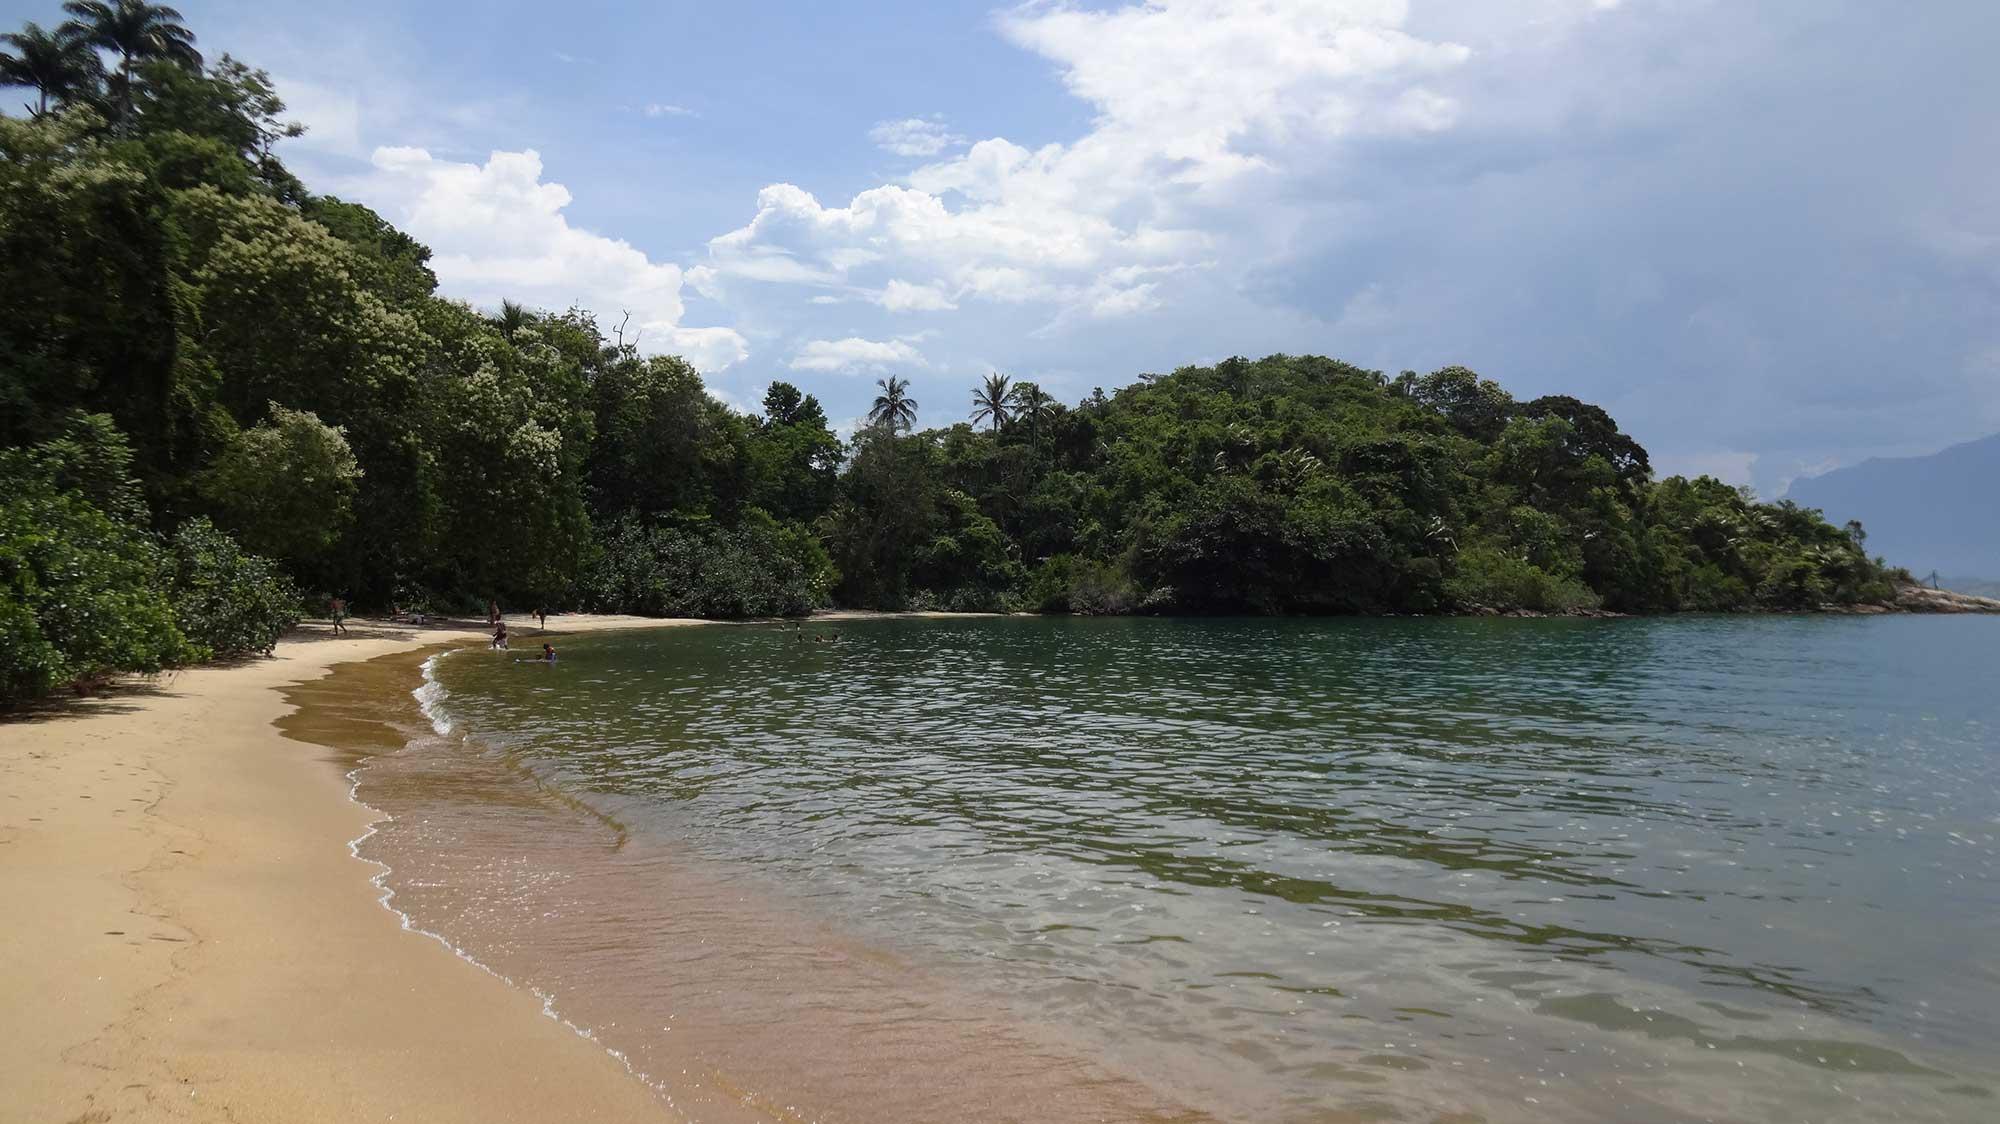 Praia de Tanguázinho - Angra dos Reis